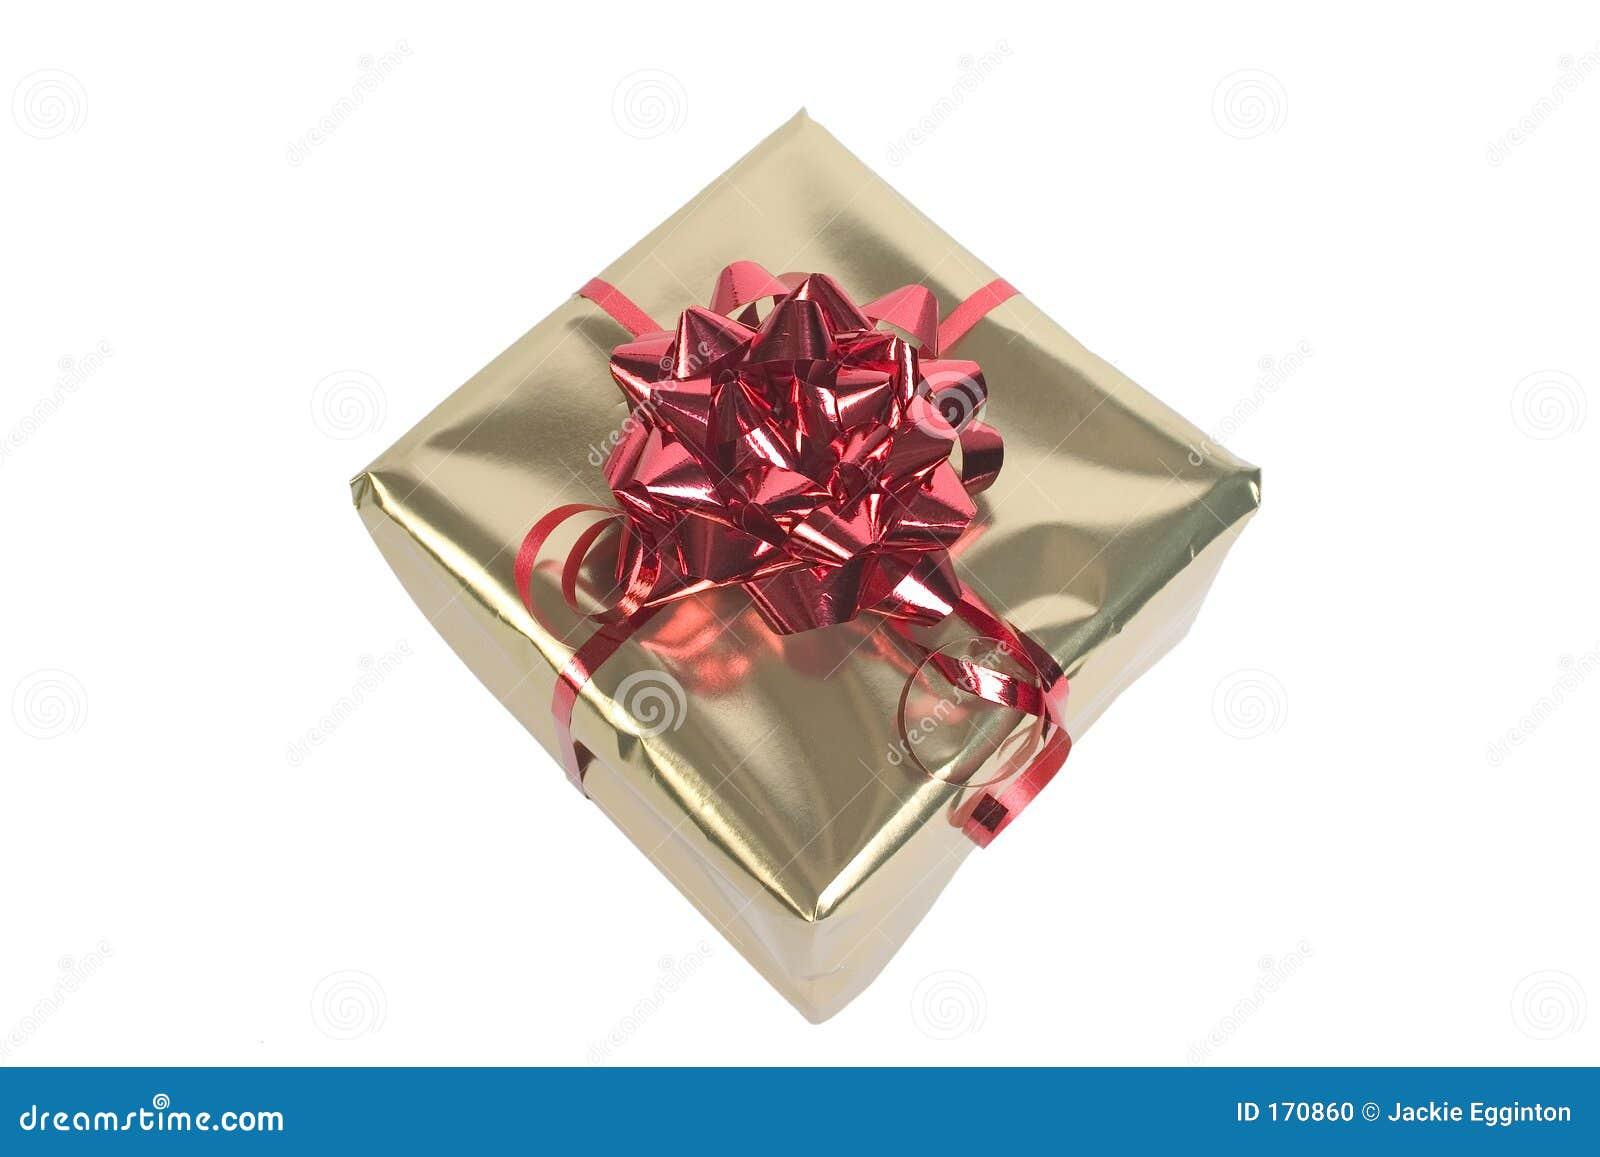 Red & Gold parcel